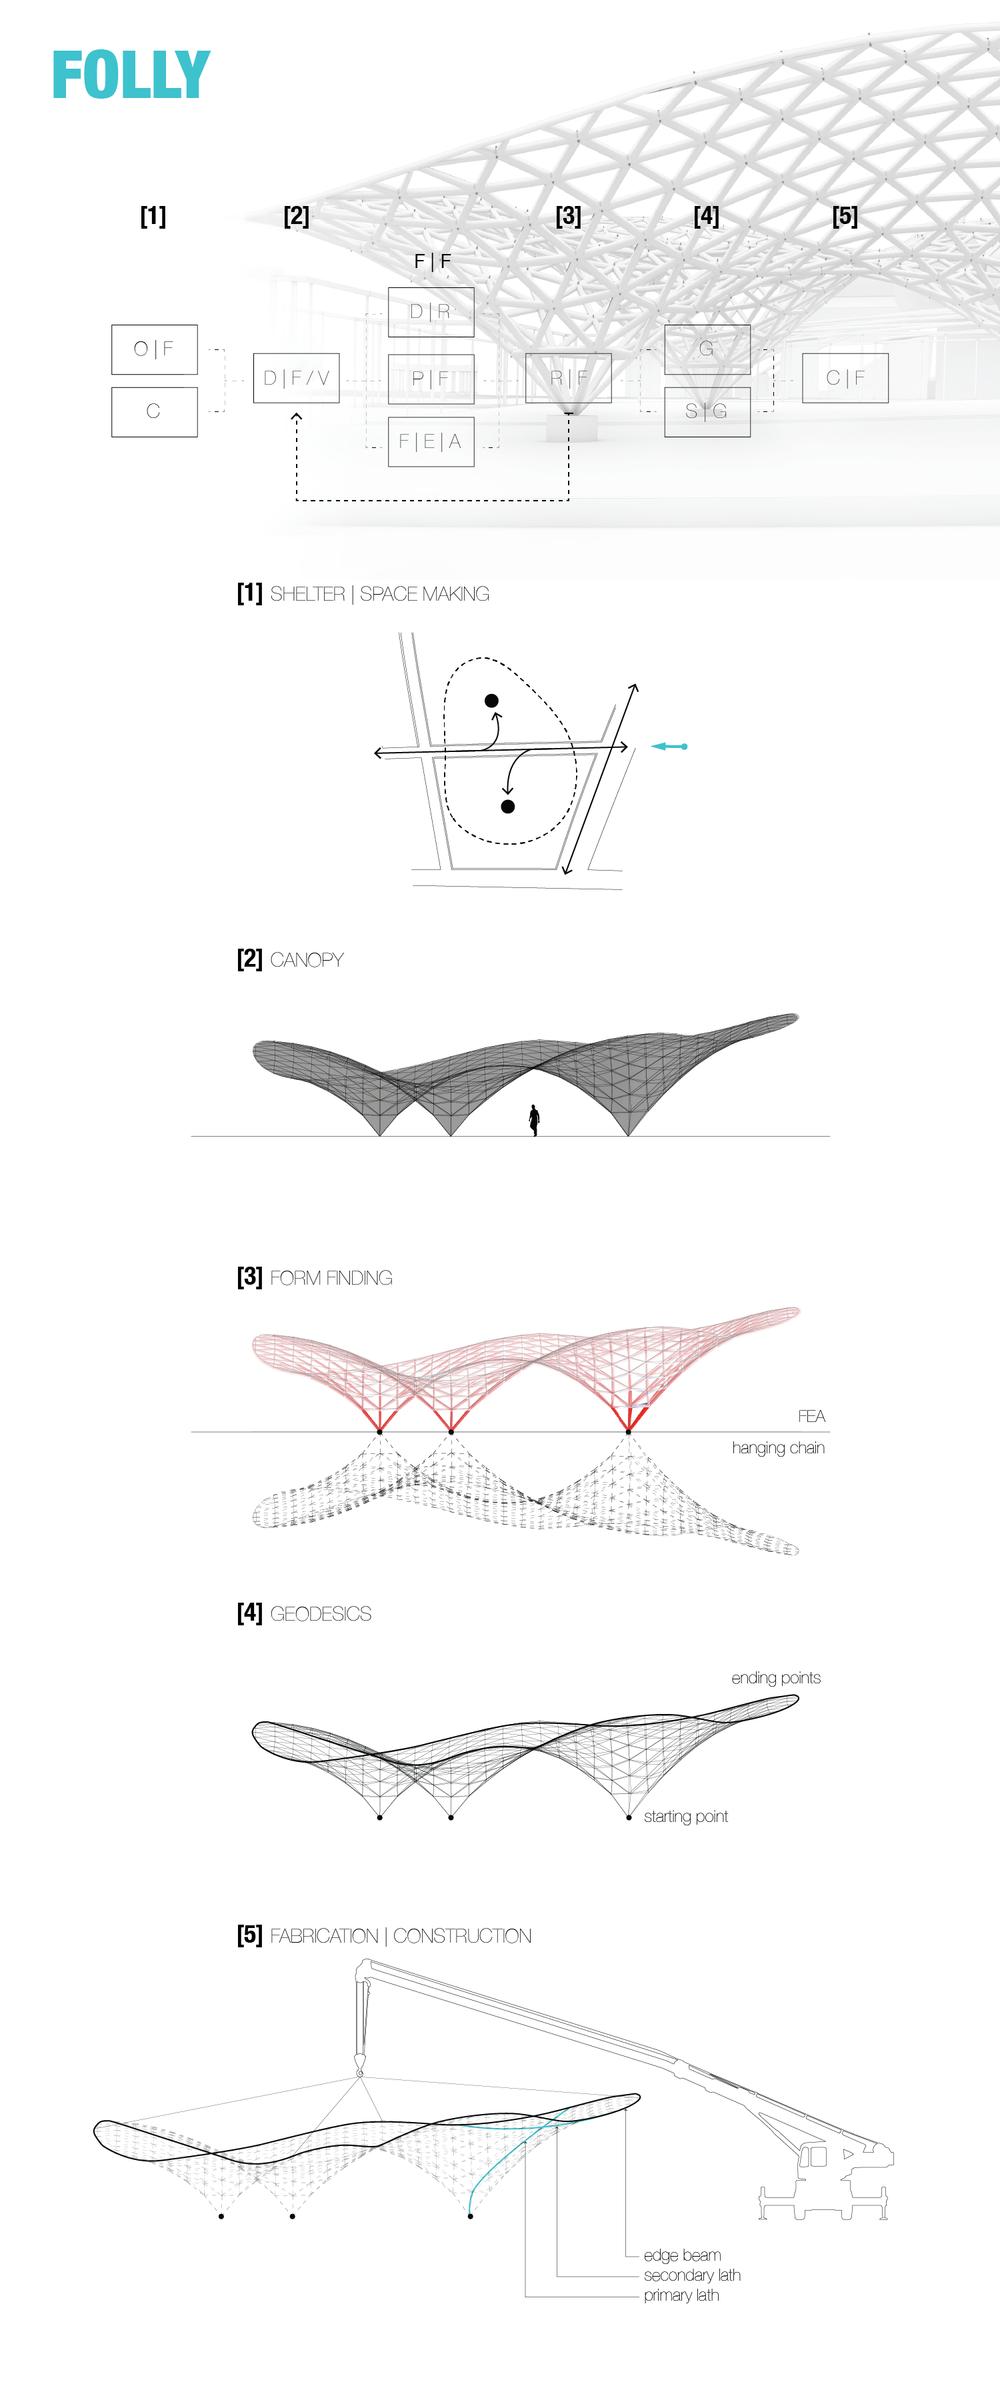 Final structure digital mockup